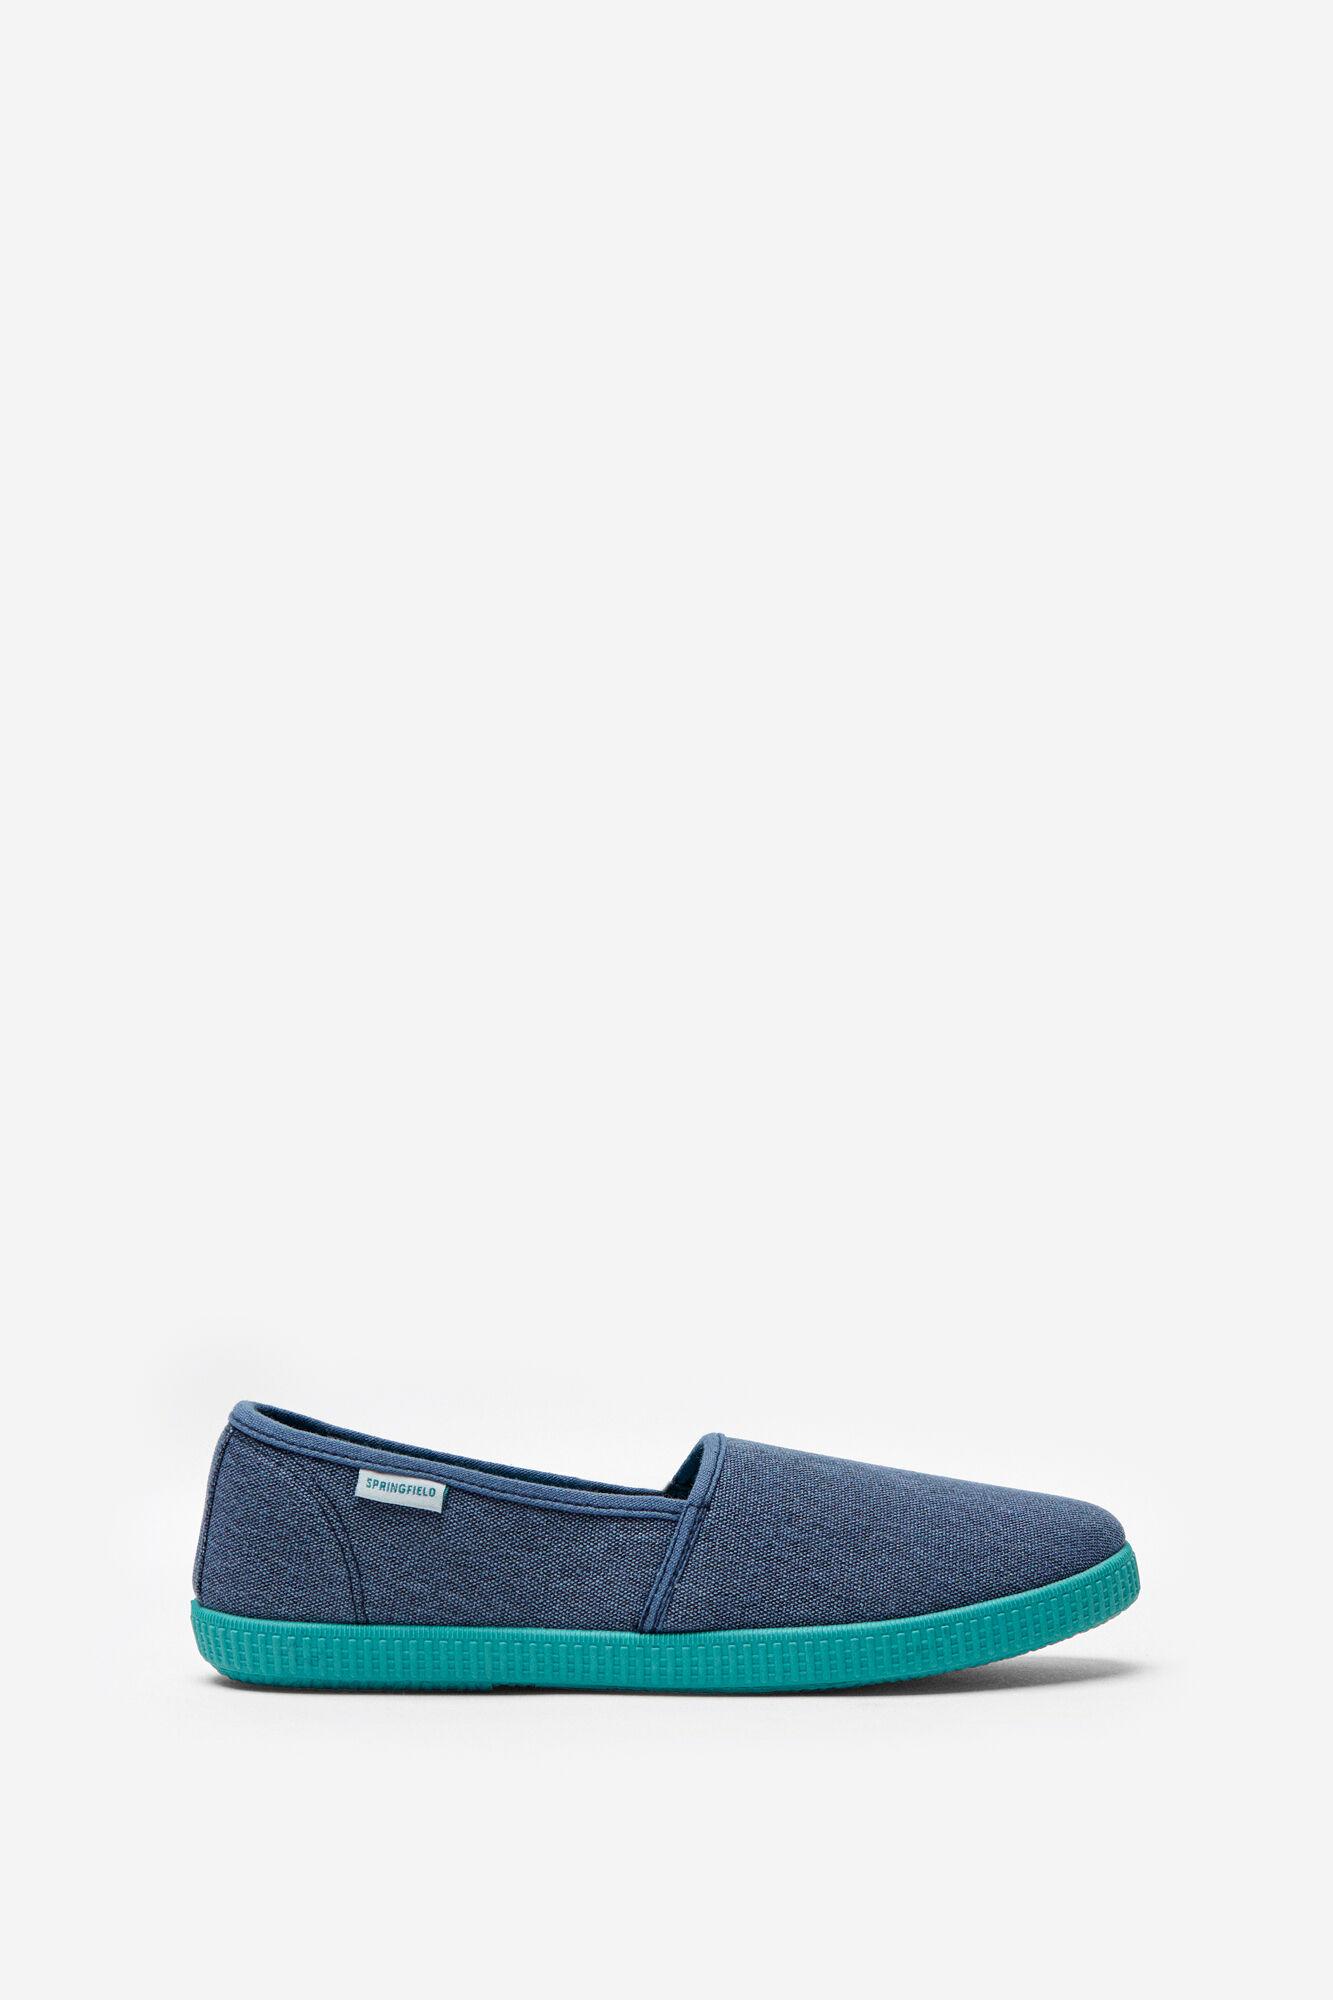 camel shoes belt colors for aikido dojo finder 684153